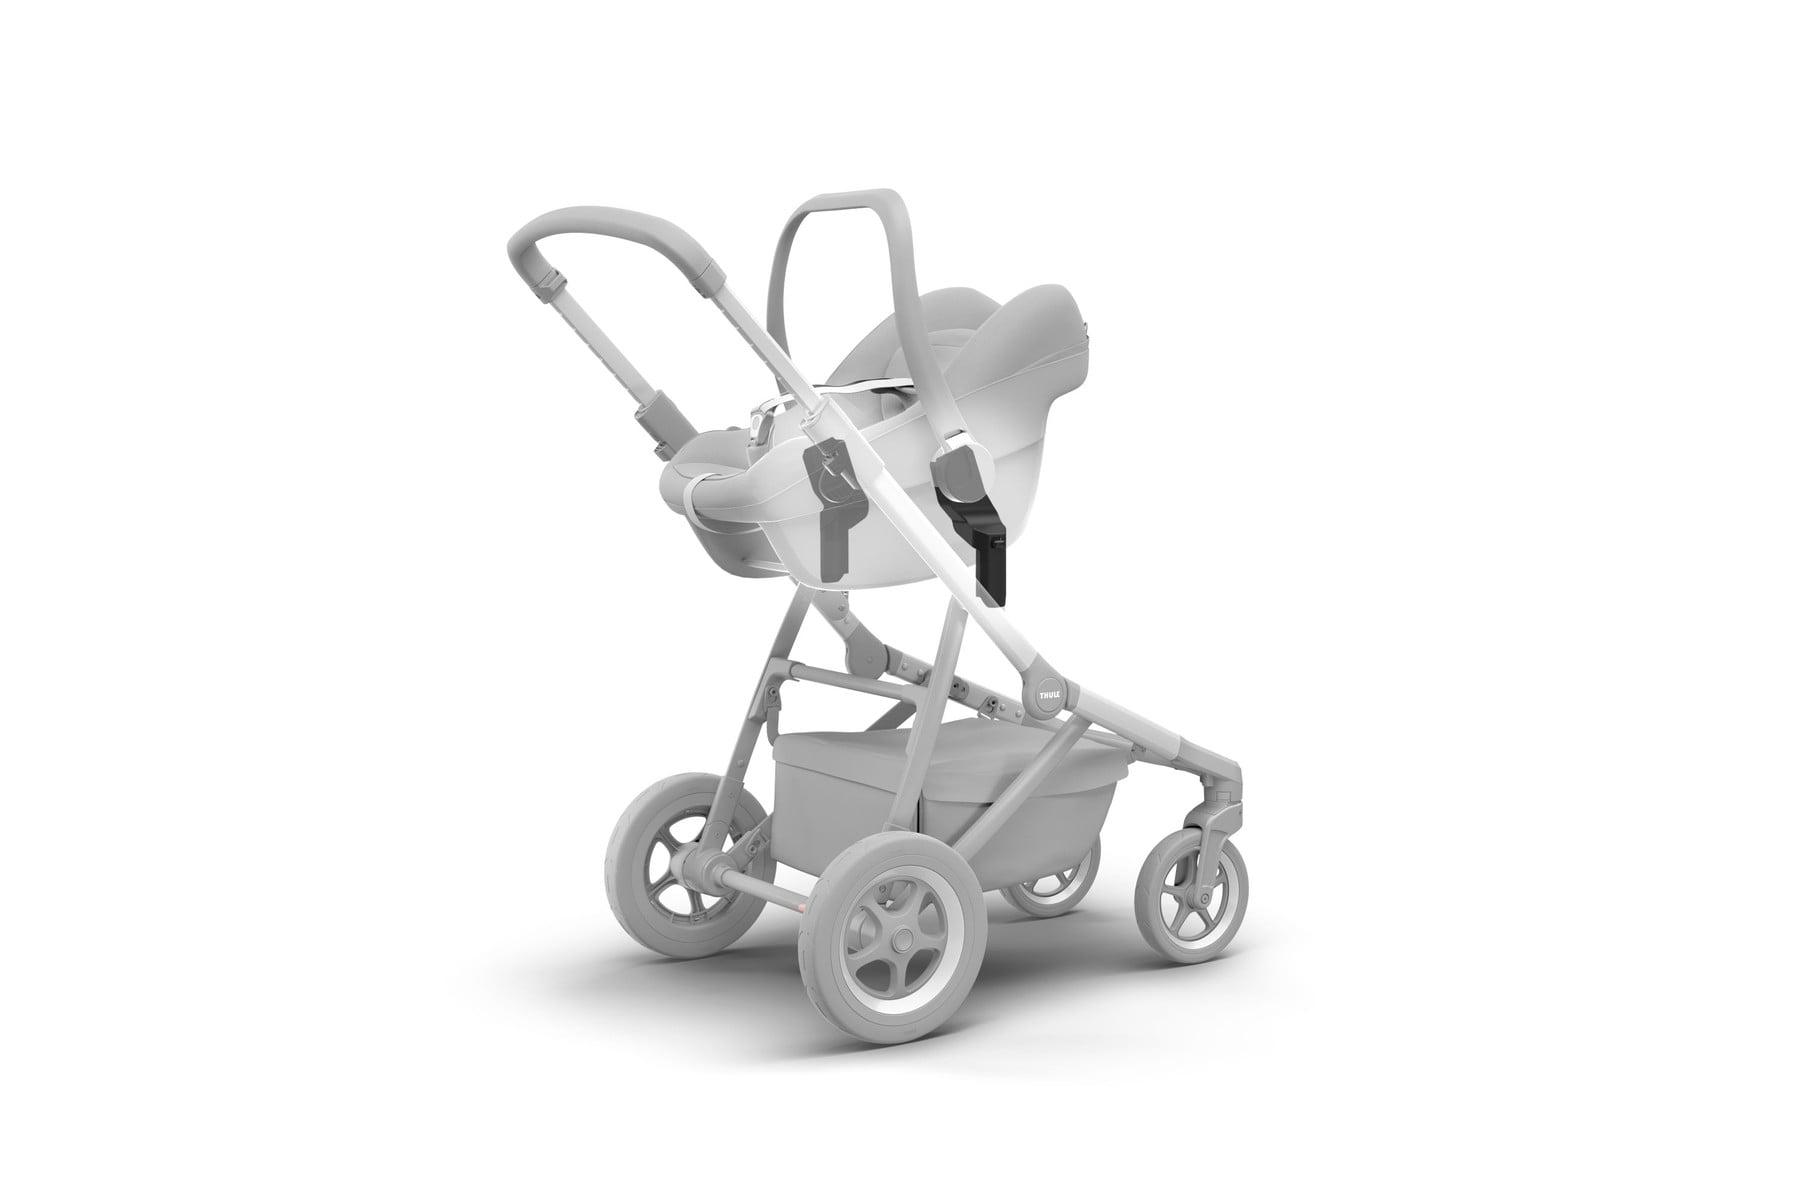 Thule Sleek Car Seat Adapter Maxi Cosi Adaptor pentru scaun de masina Maxi Cosi 1